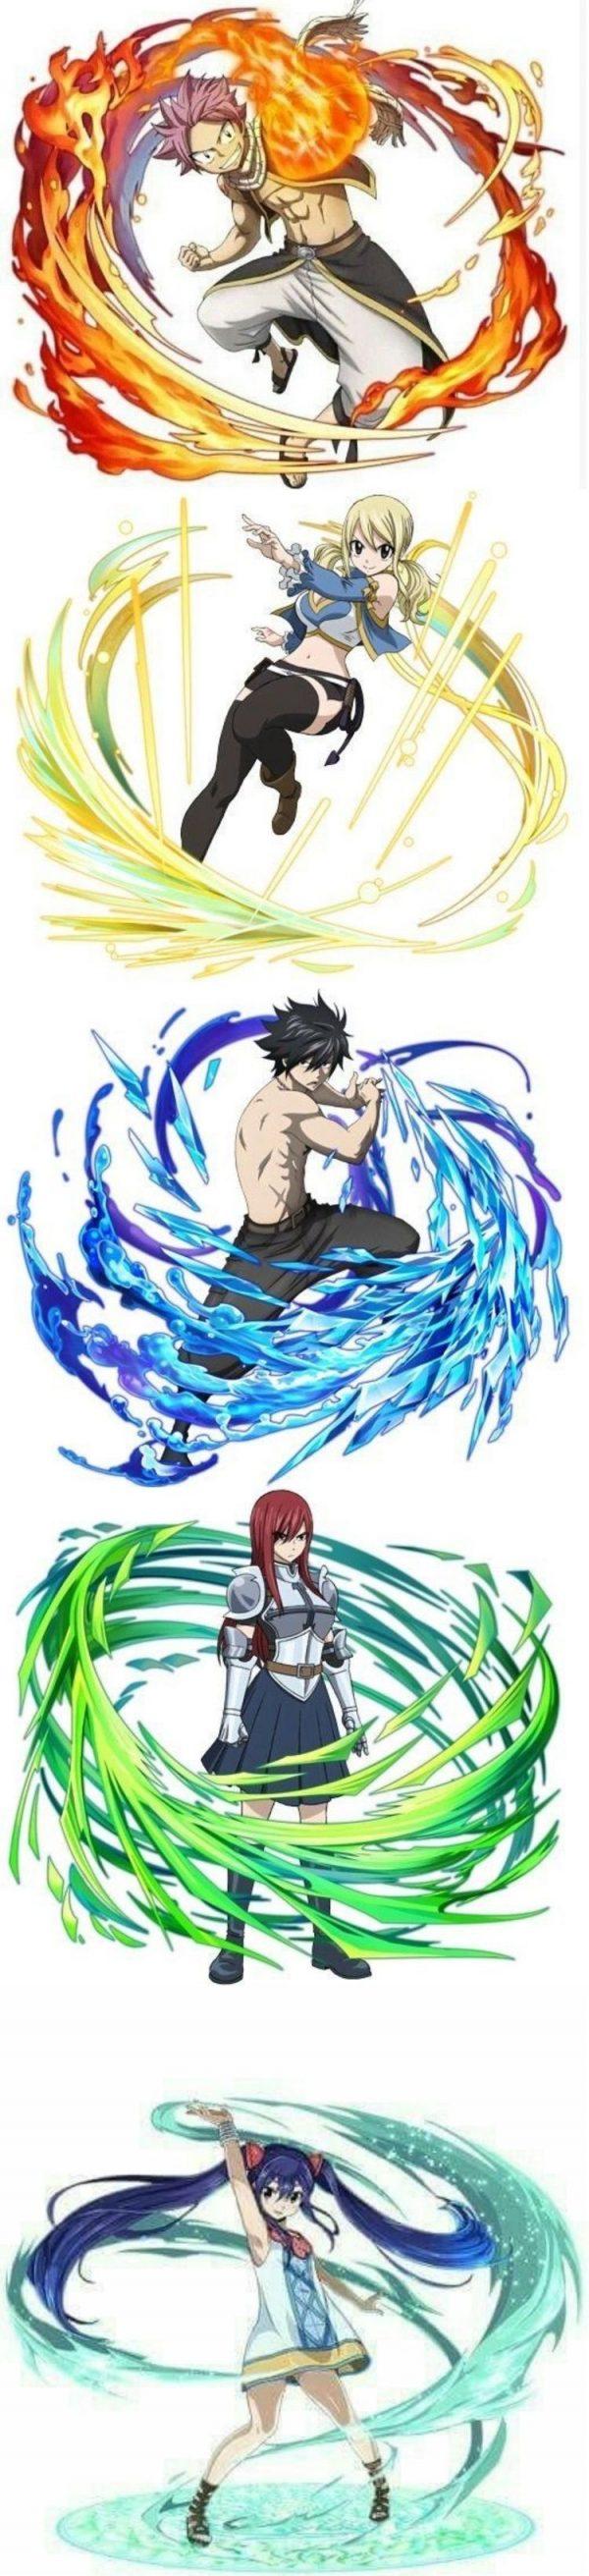 750X3279 Image Fairy Tail Dessin Animé en 1080p pour Mobile Gratuit ID : 586453182712533735